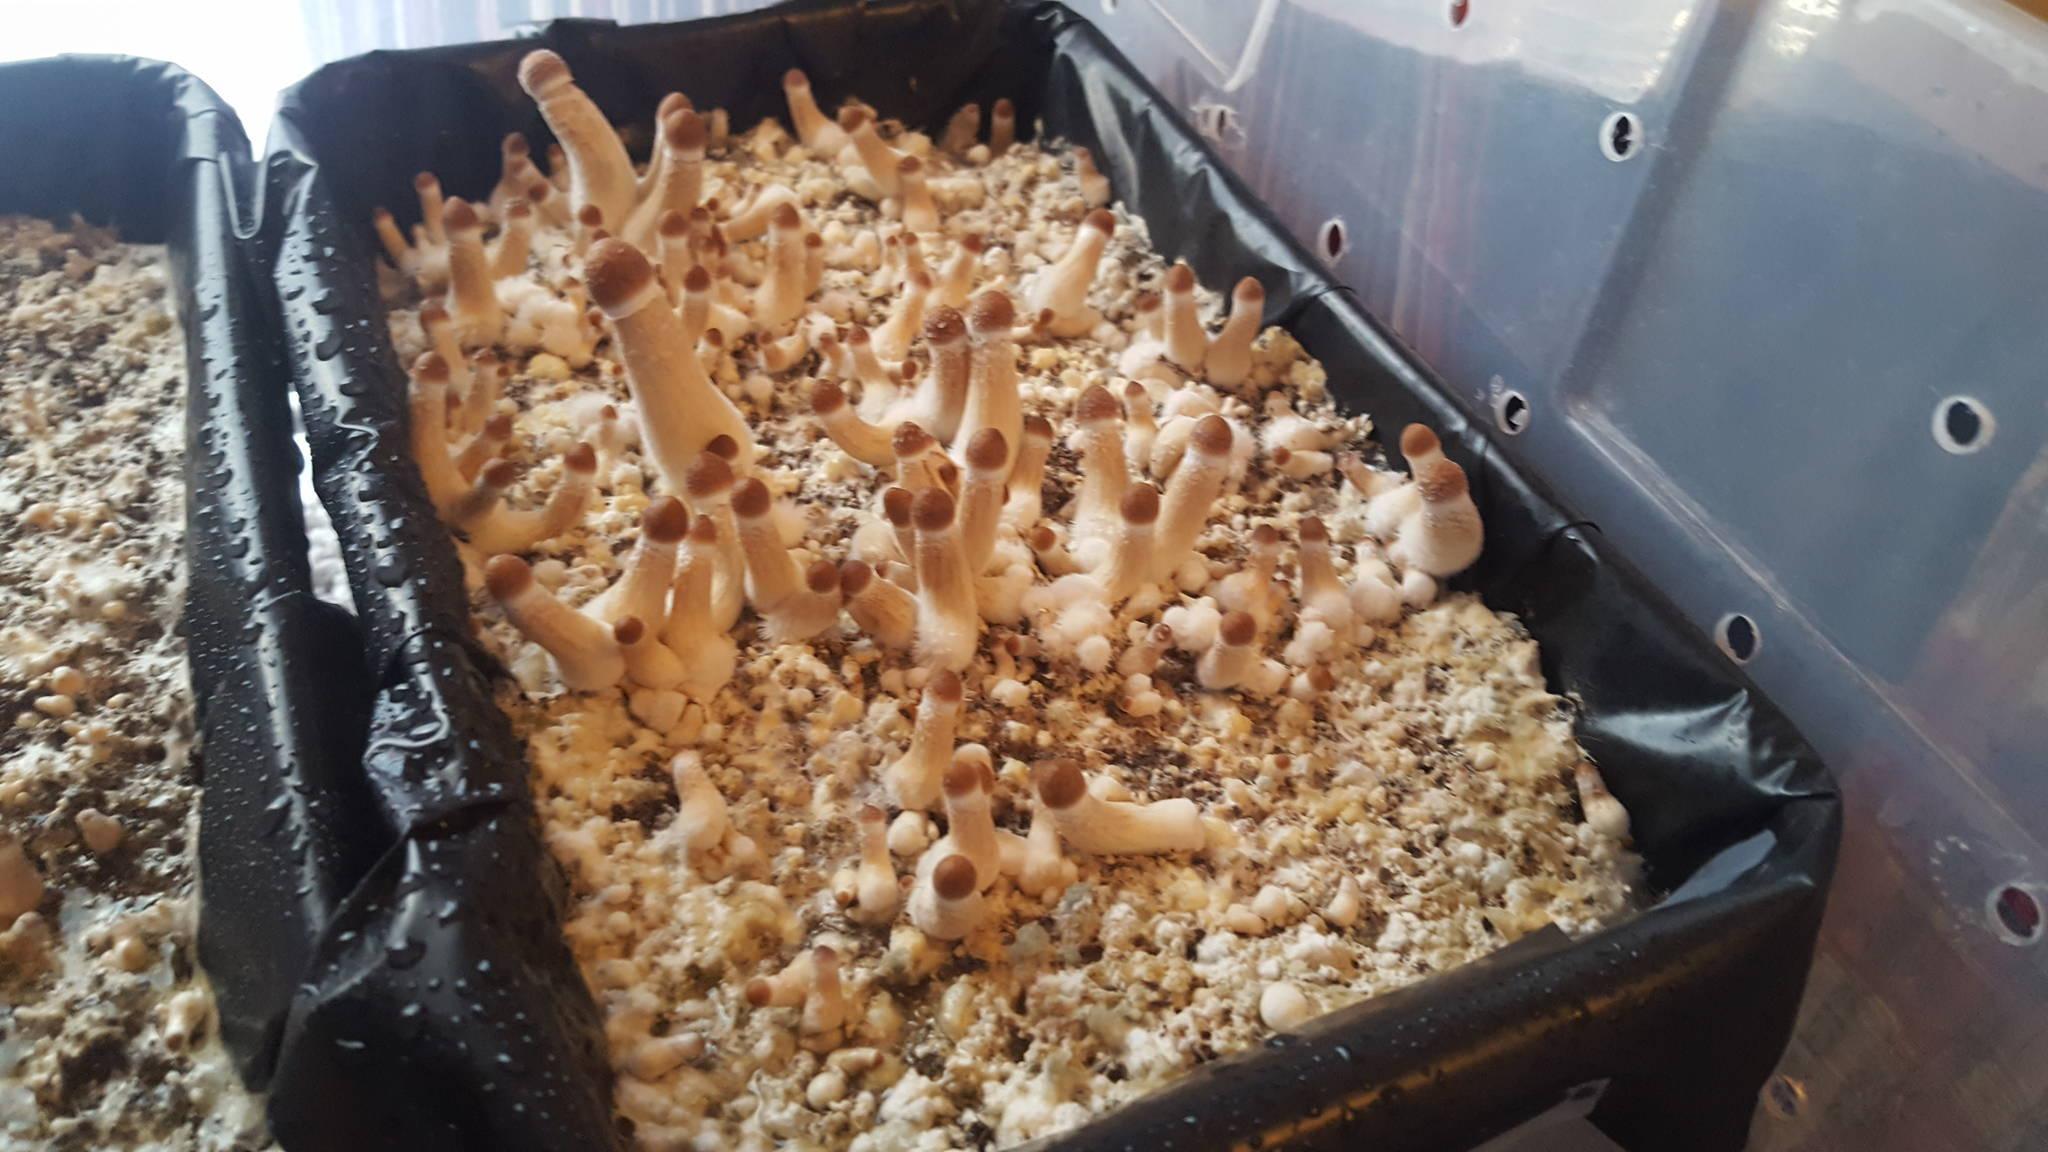 PIN PORN* - Mushroom Cultivation - Shroomery Message Board